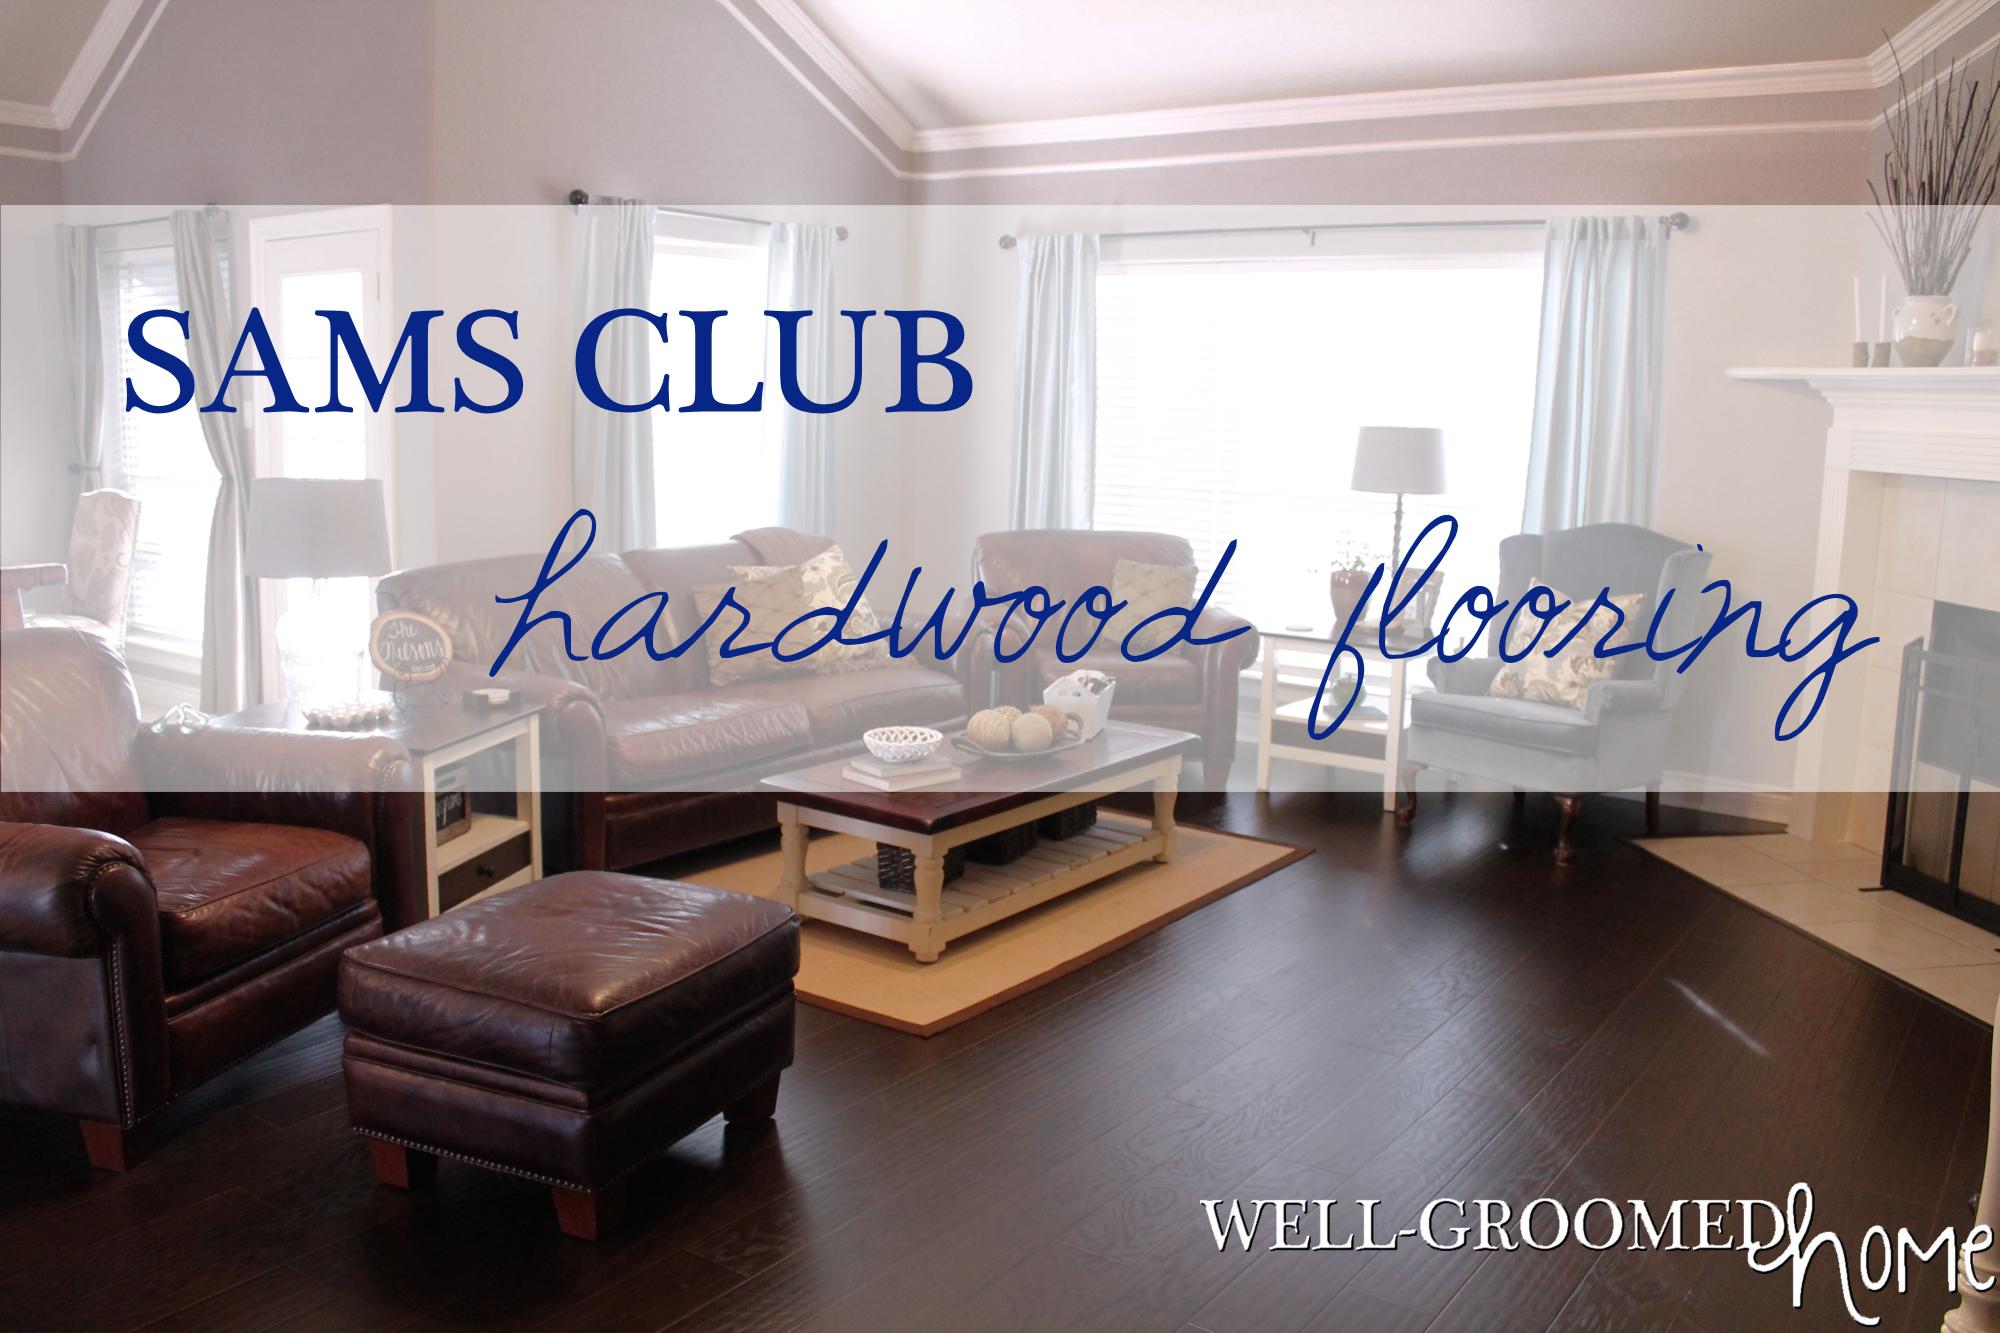 Sams Club Hardwood Floors